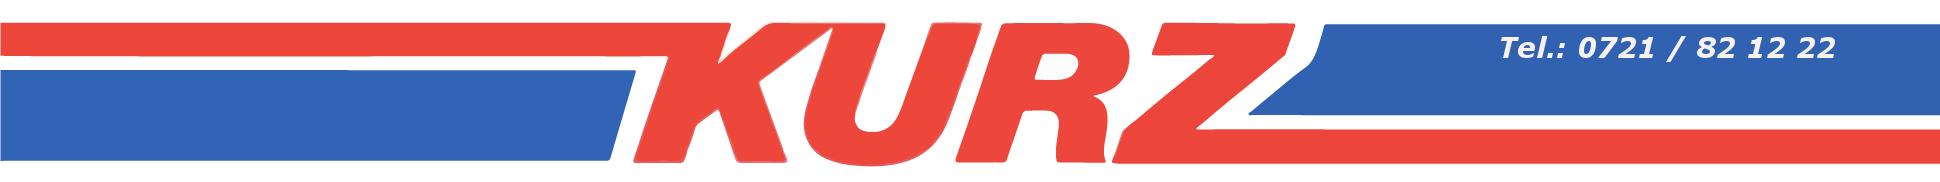 Kurz – Heizung, Sanitär, Blechnerei logo